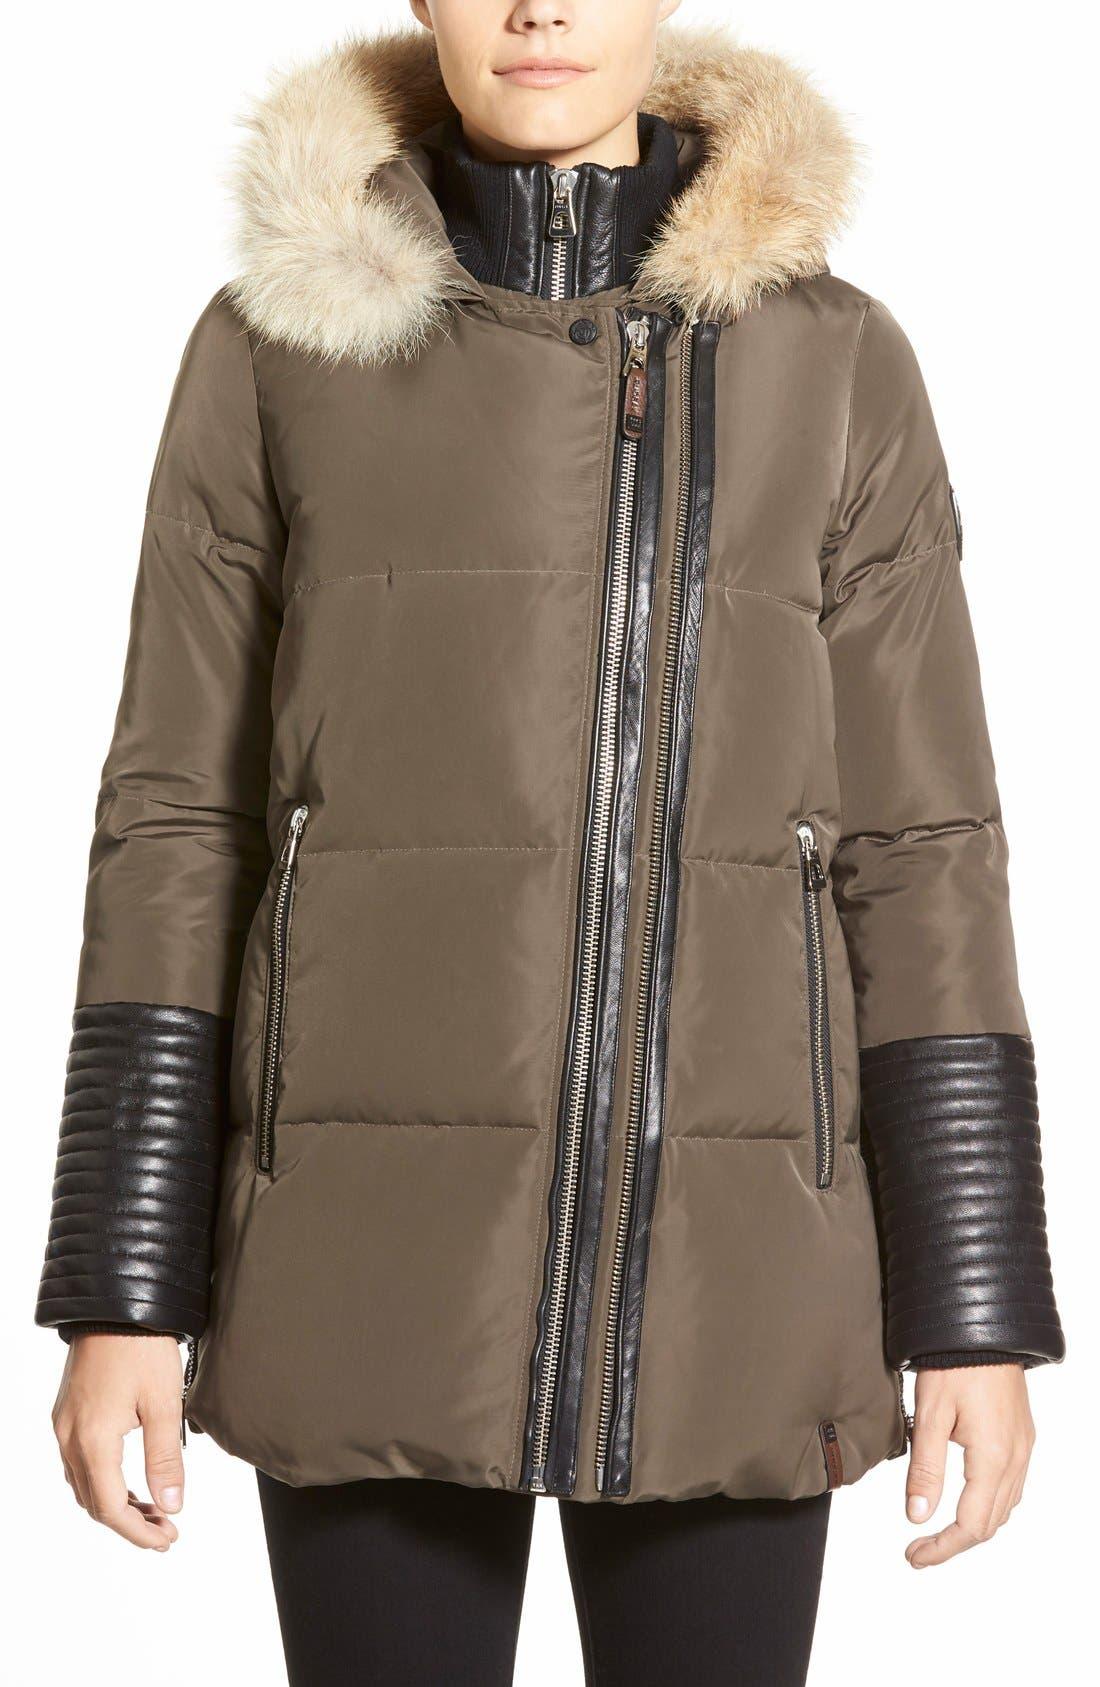 Alternate Image 1 Selected - Rudsak 'Cally' Leather & Genuine Coyote Fur Trim Down Coat